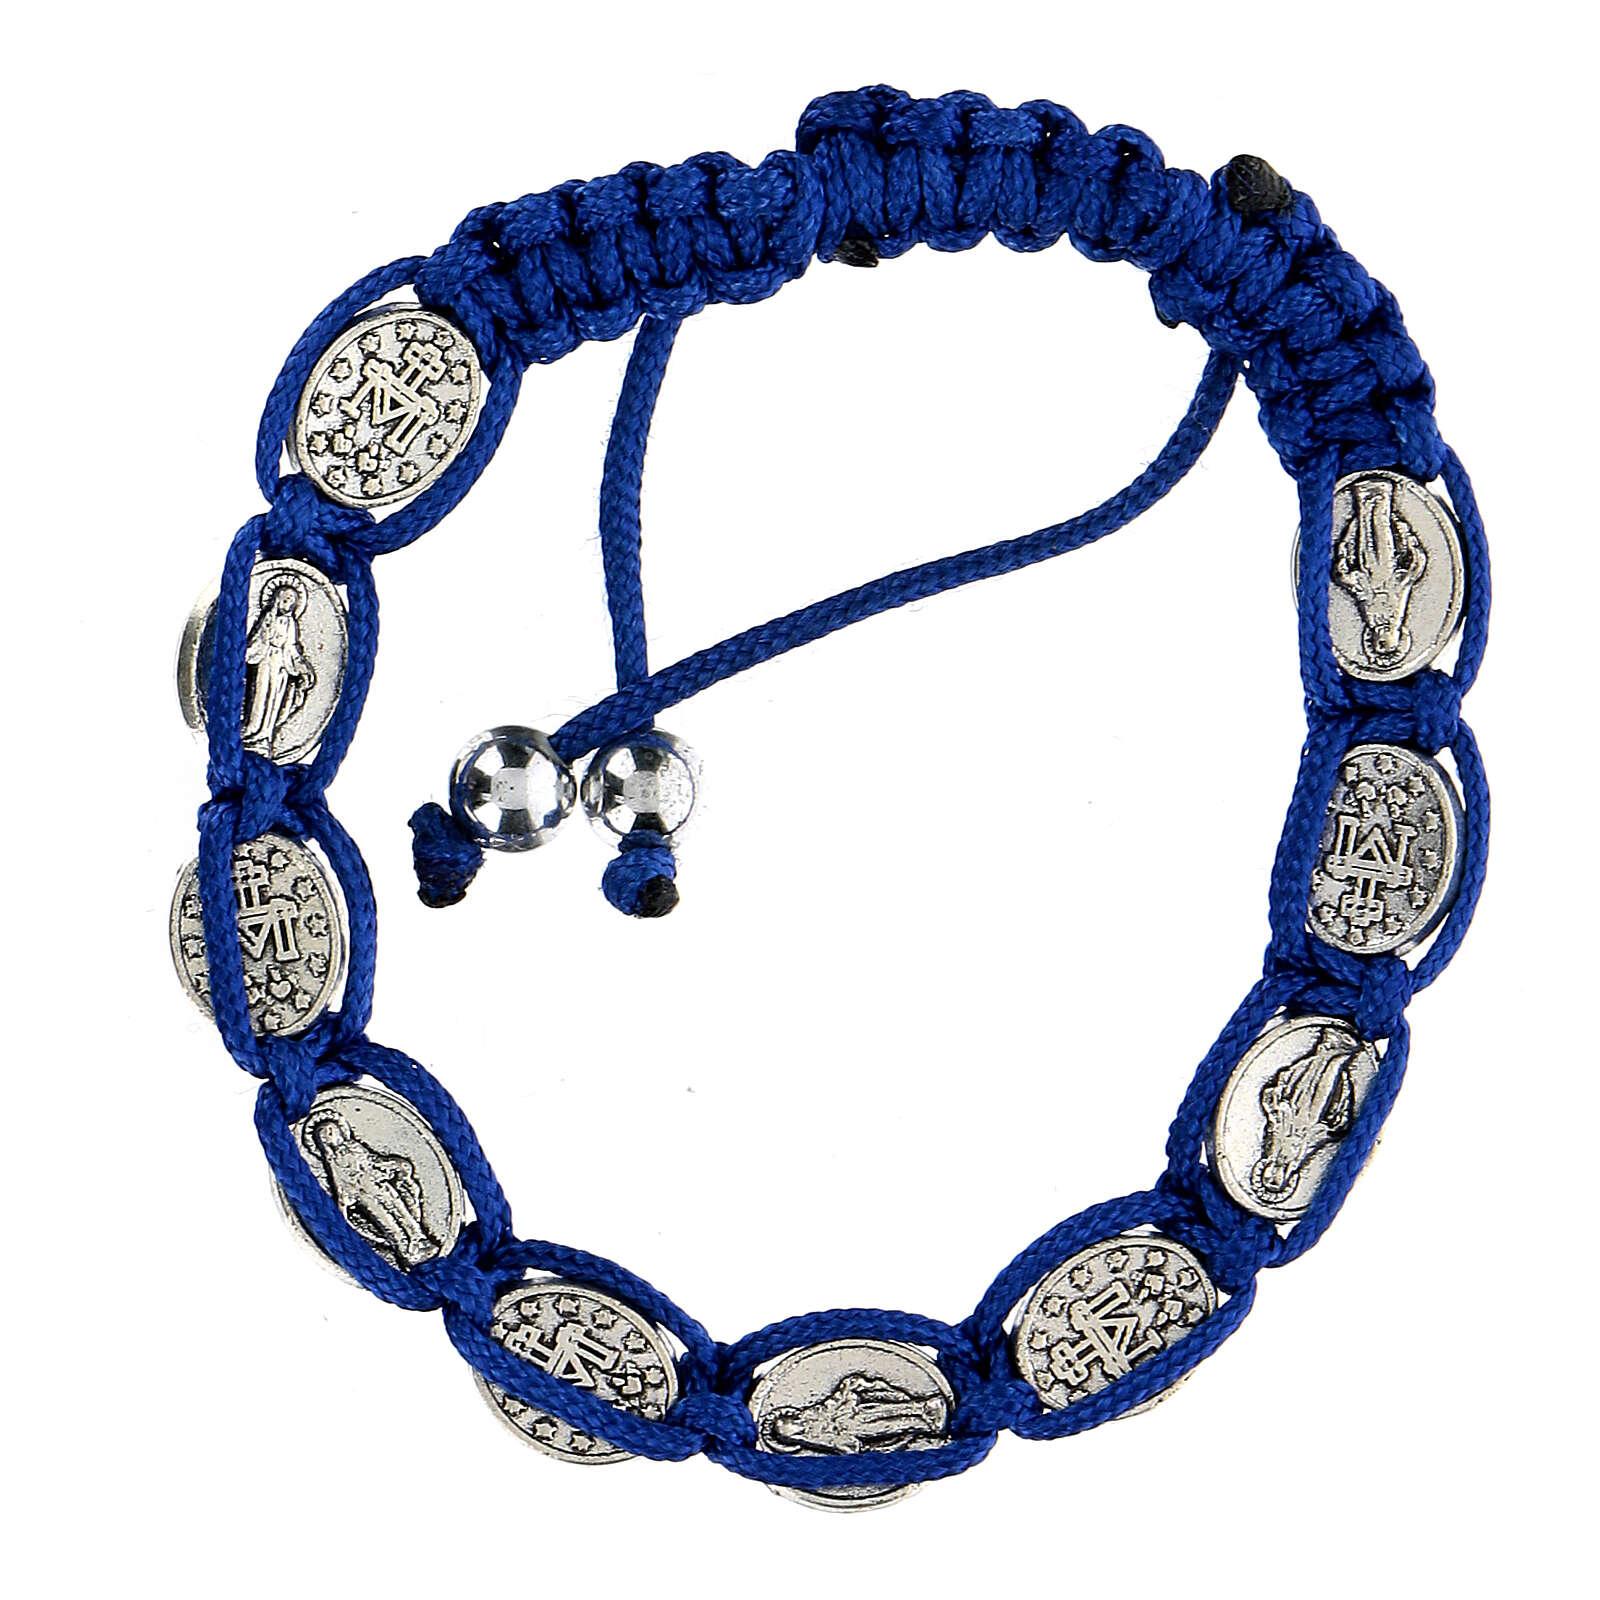 Bransoletka Dziesiątka Madonna niebieski sznurek 6 mm 4